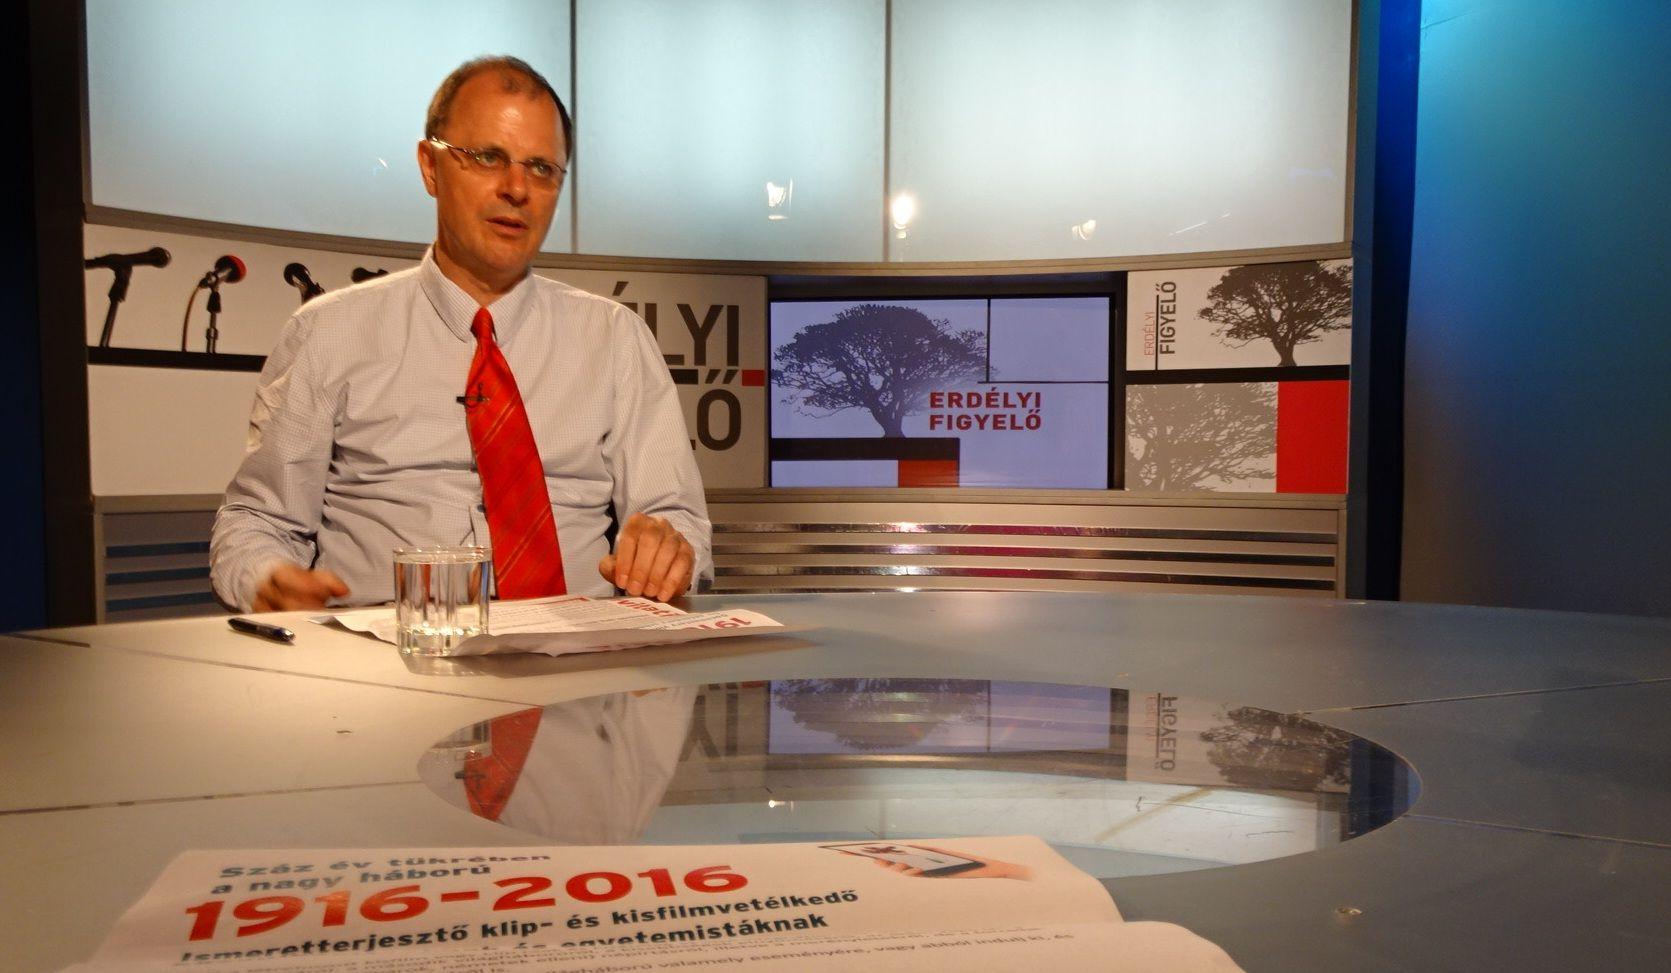 Gecse Géza a kolozsvári a tévében. Fotó: a szerző archívuma